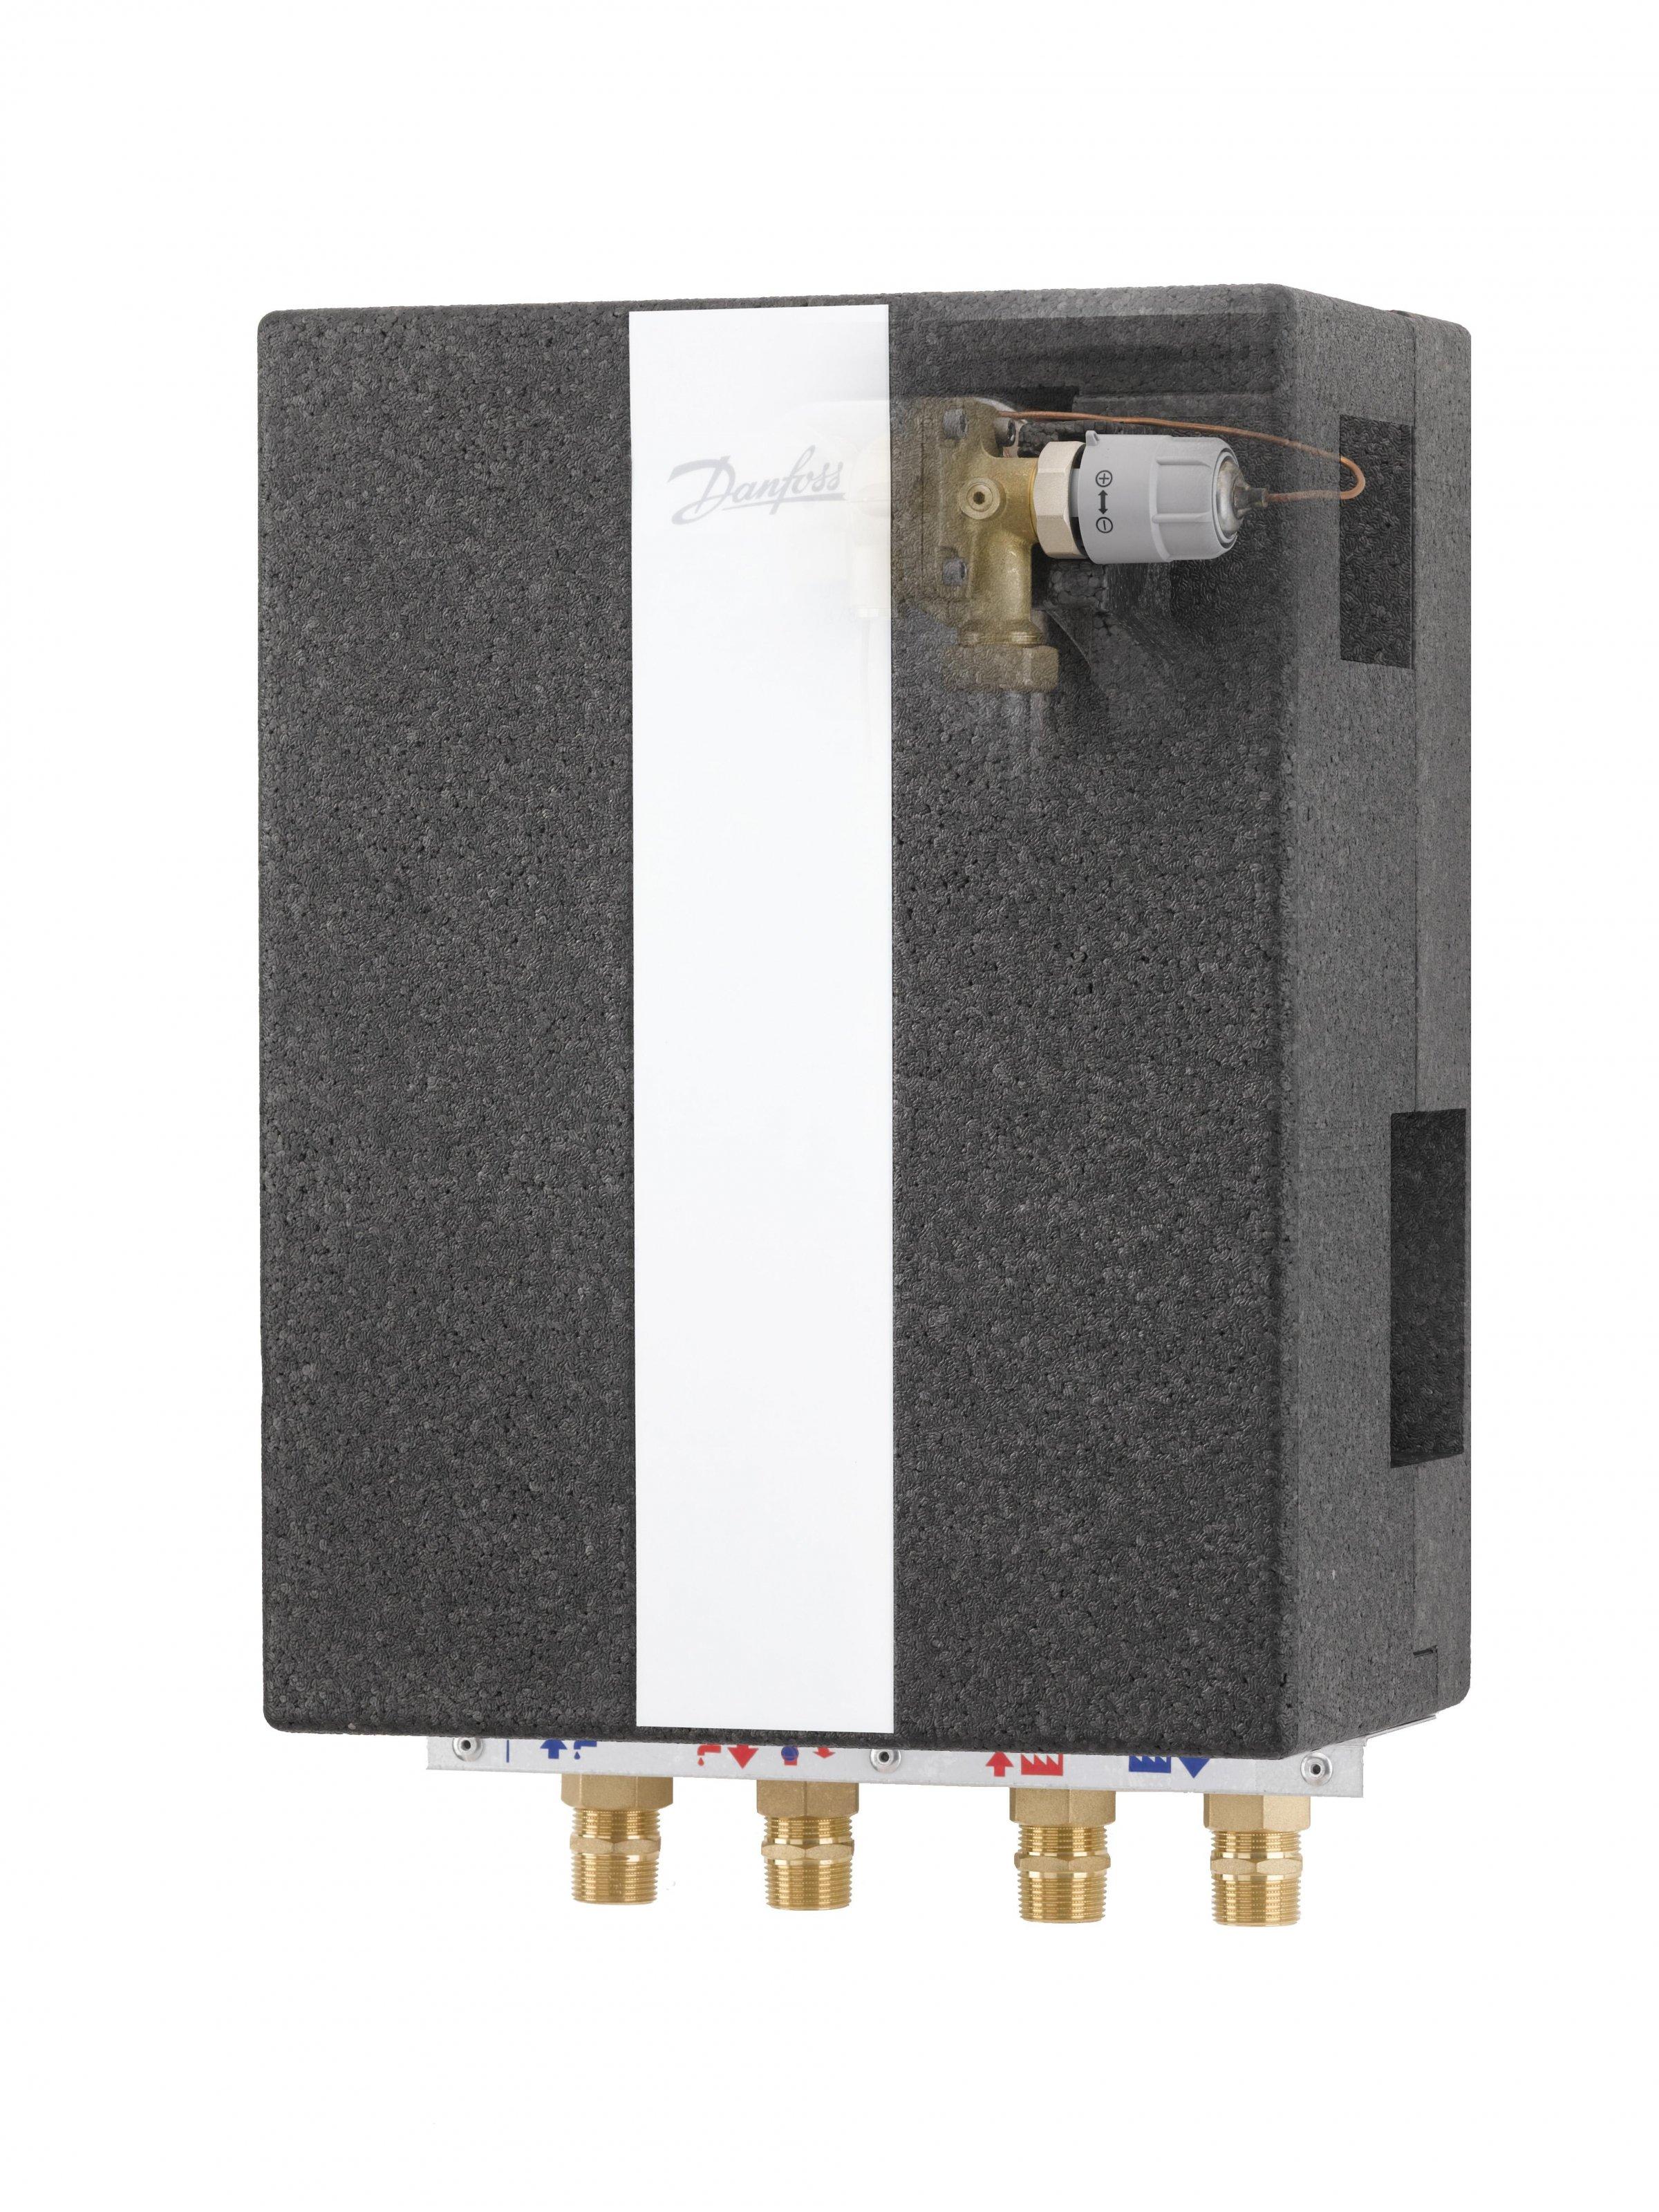 Fuldisoleret vandvarmer til fremtidens fjernvarme   Installatør